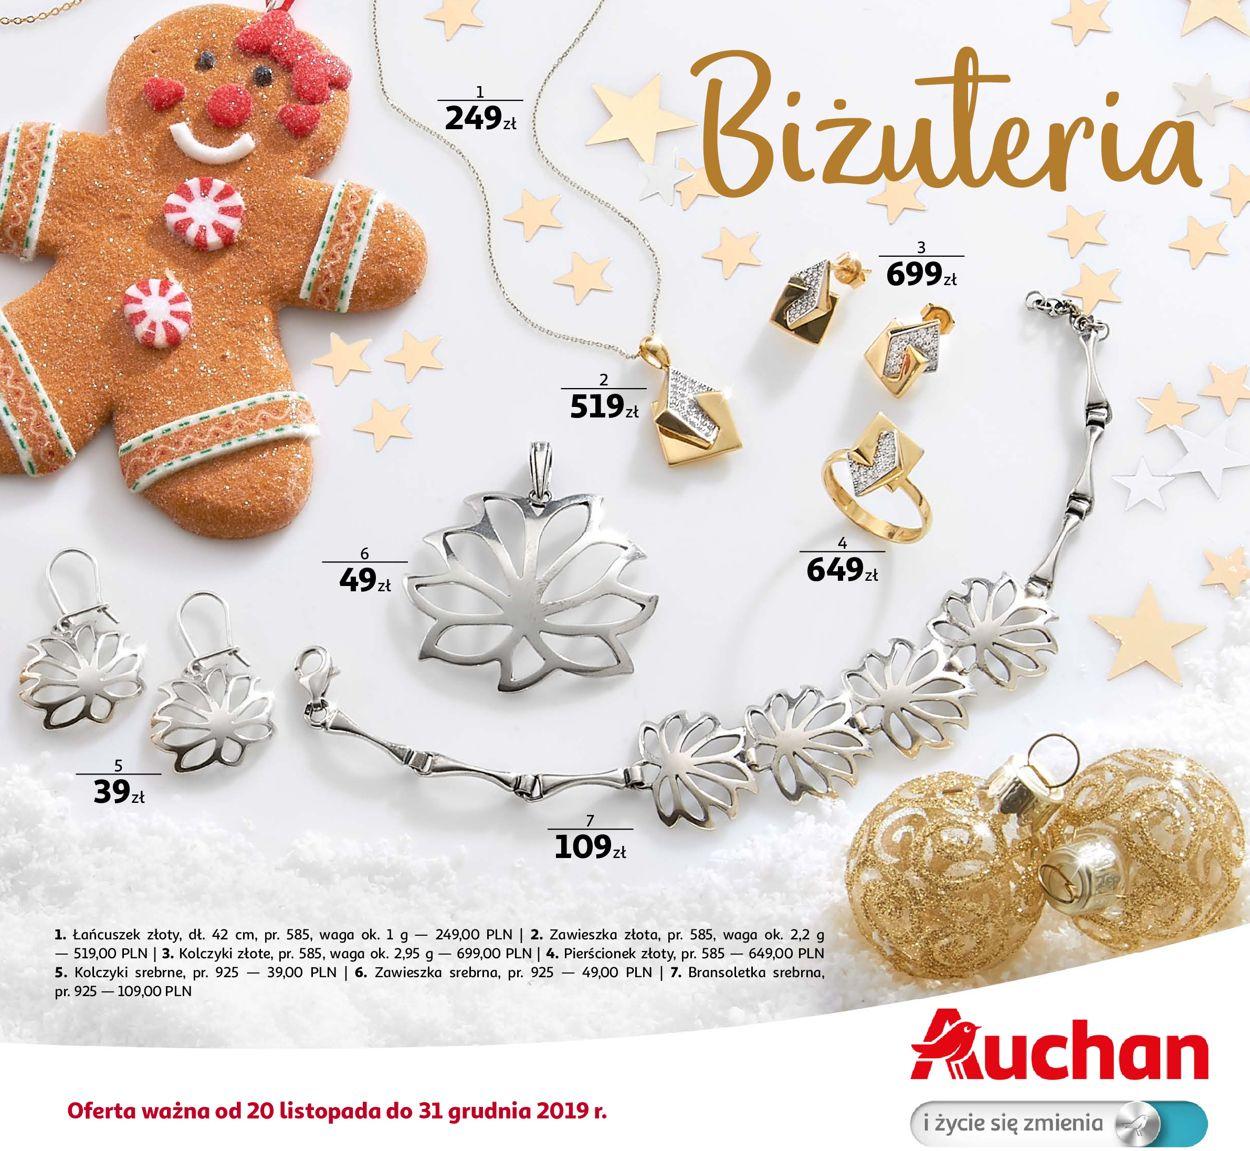 Gazetka promocyjna Auchan - Biżuteria - 20.11-31.12.2019